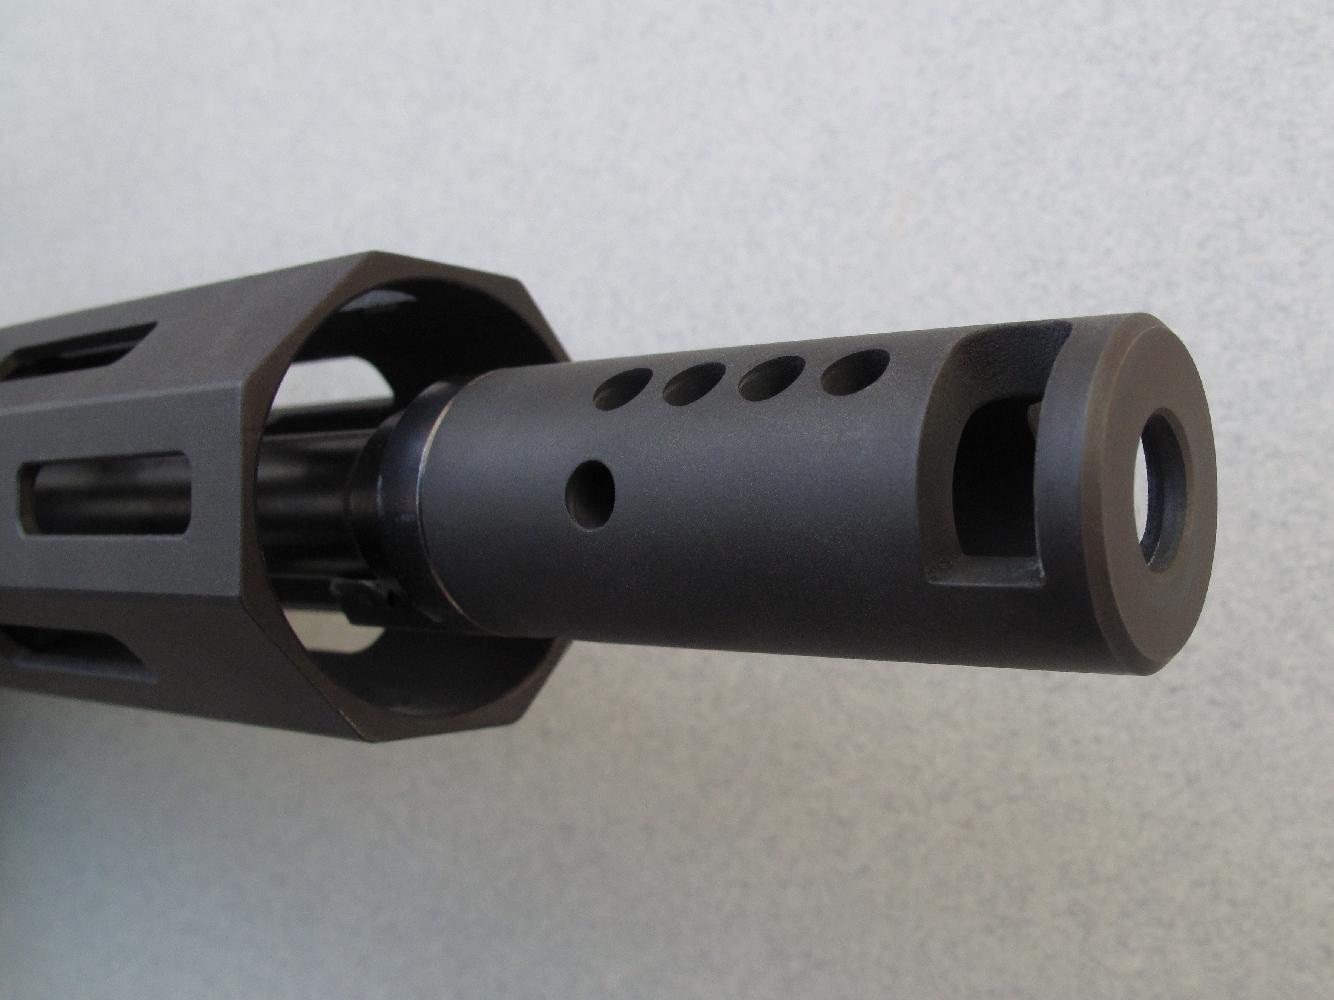 Cette carabine est dotée d'un lourd frein de bouche, vissé à l'extrémité du canon, dont les évents sont conçus pour limiter le recul et le relèvement.